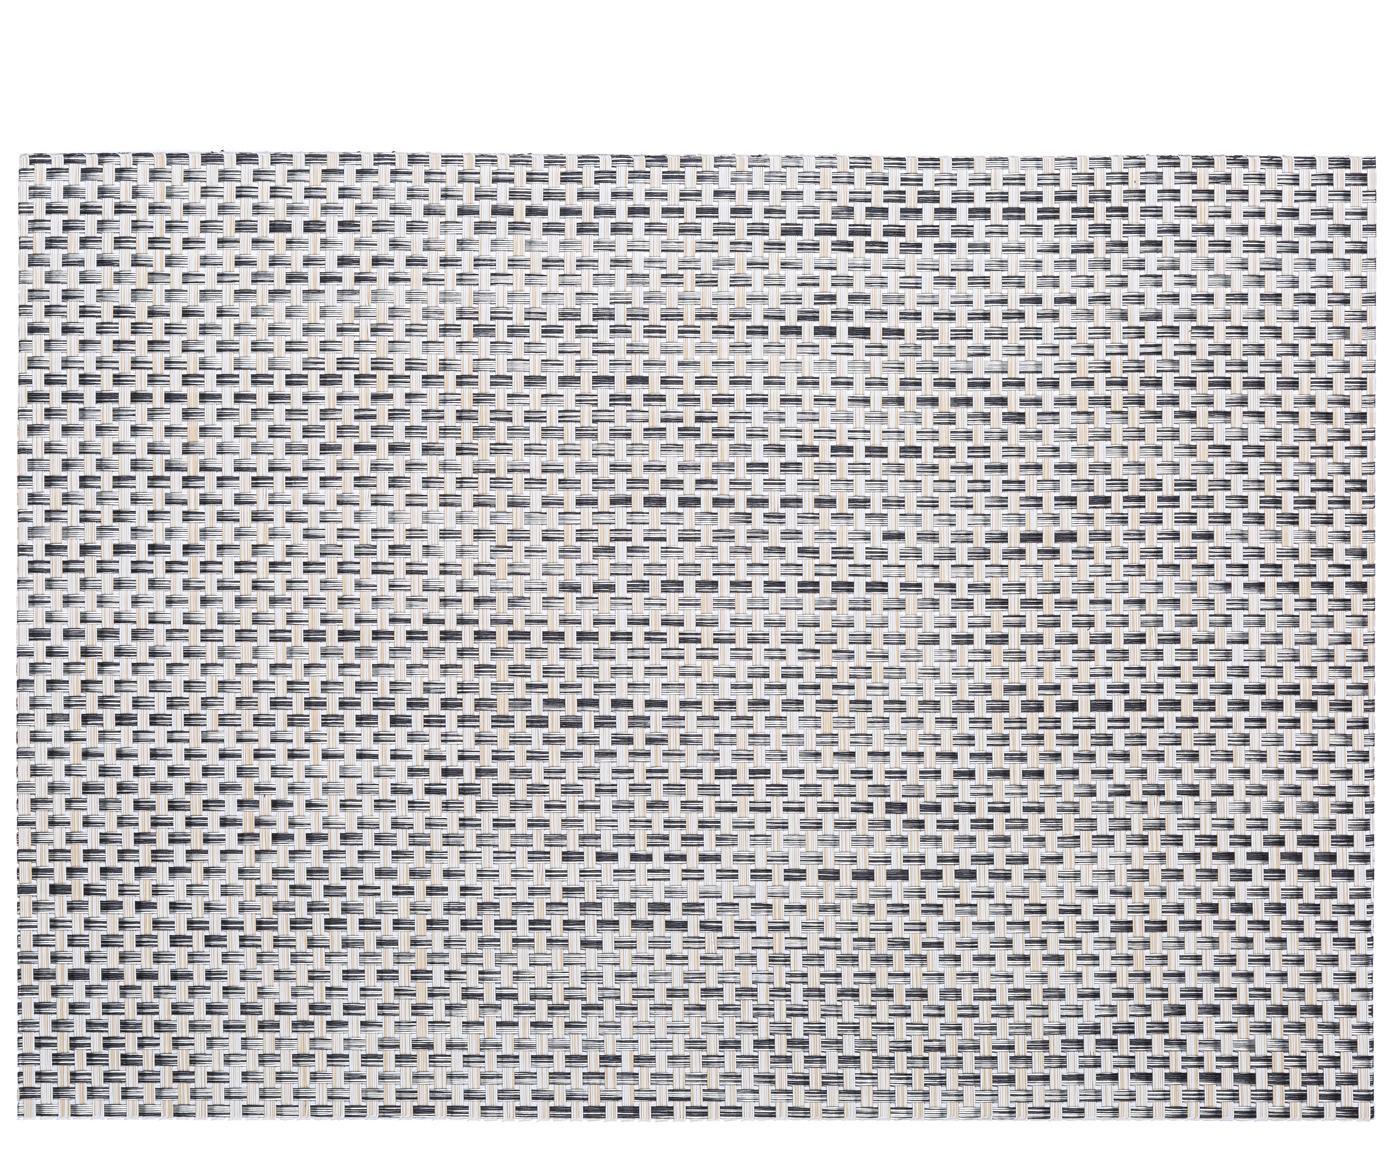 Podkładka z tworzywa sztucznego Modern, 2 szt., Tworzywo sztuczne, Beżowy, jasny szary, S 33 x D 46 cm